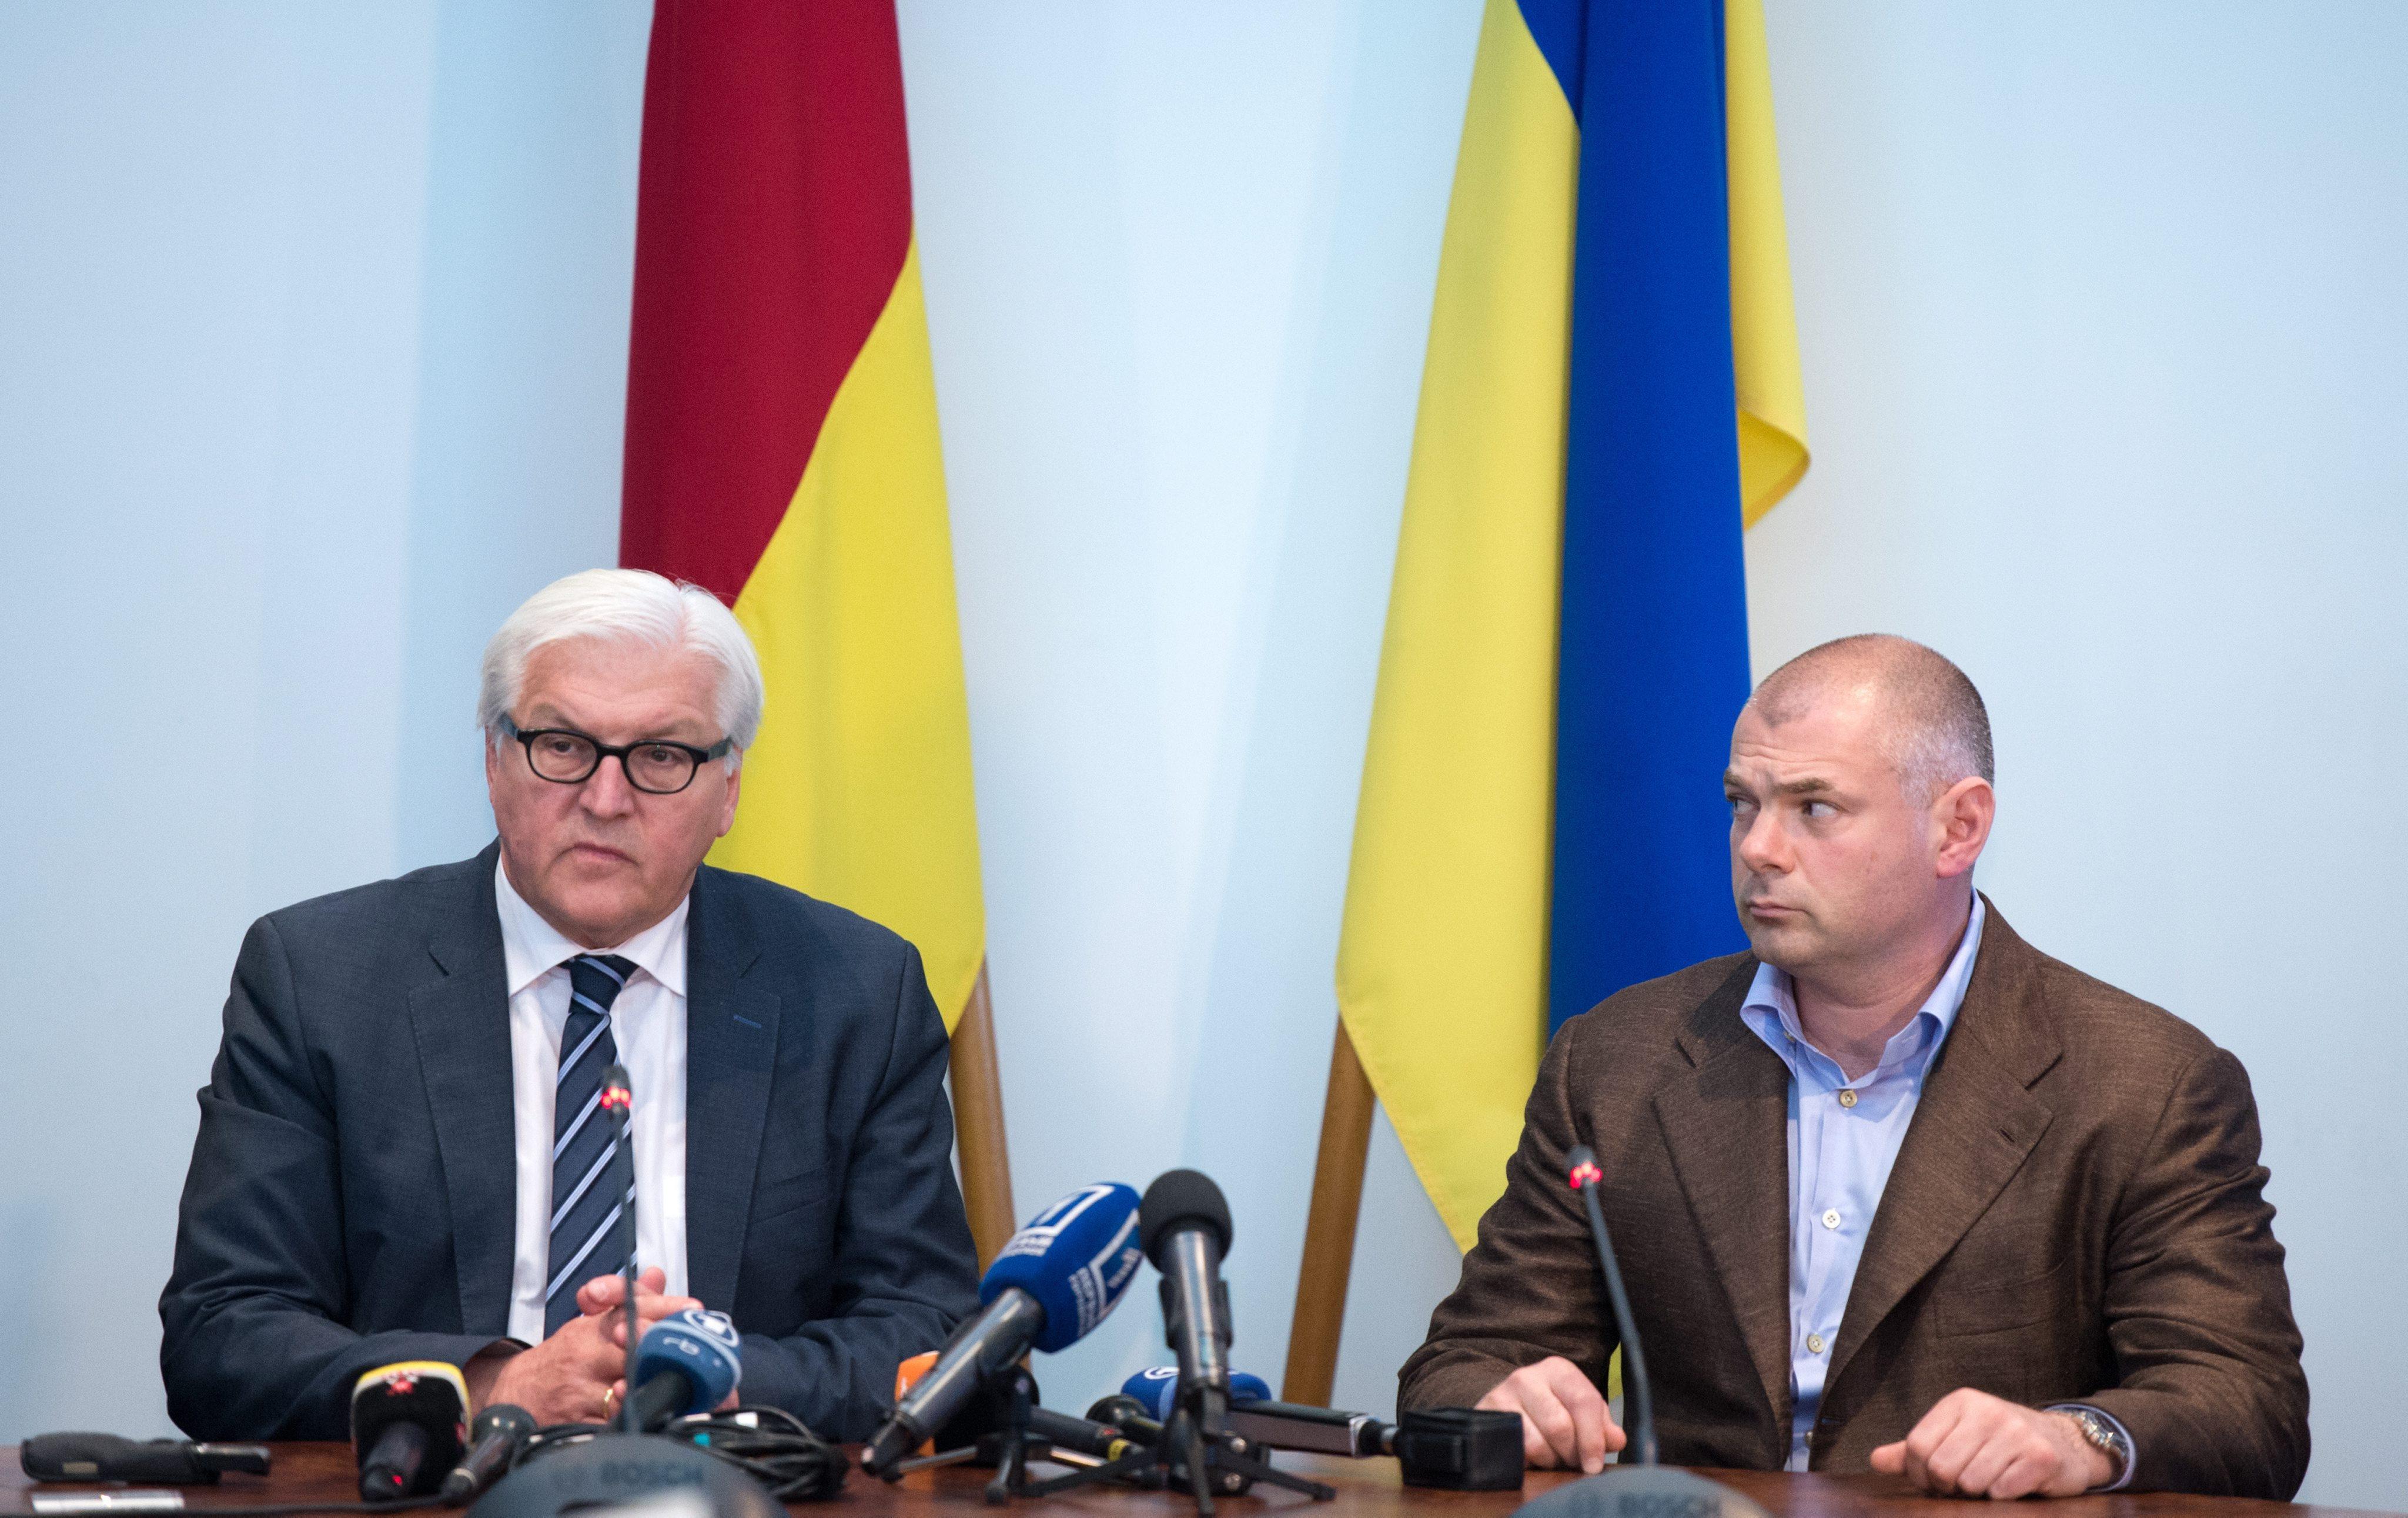 Визит главы МИД Германии Франка-Вальтера Штайнмайера на Украину